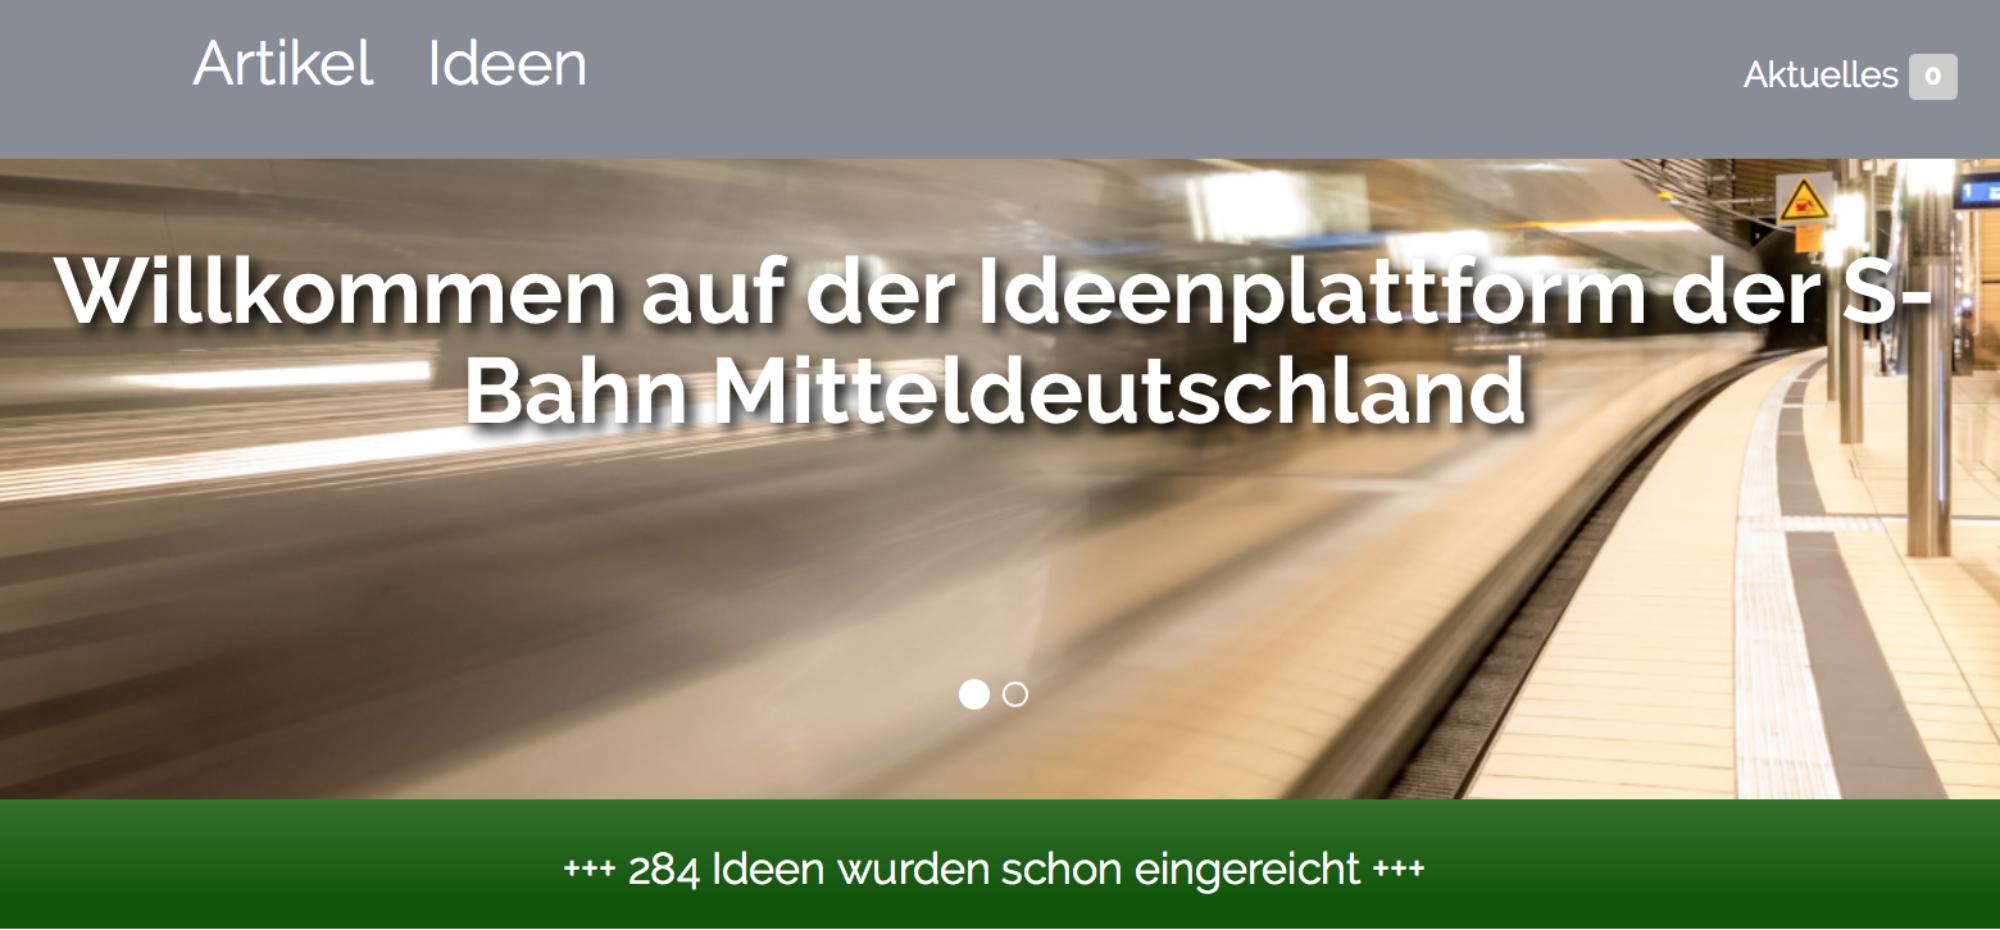 ein Screenshot der Ideenplattform